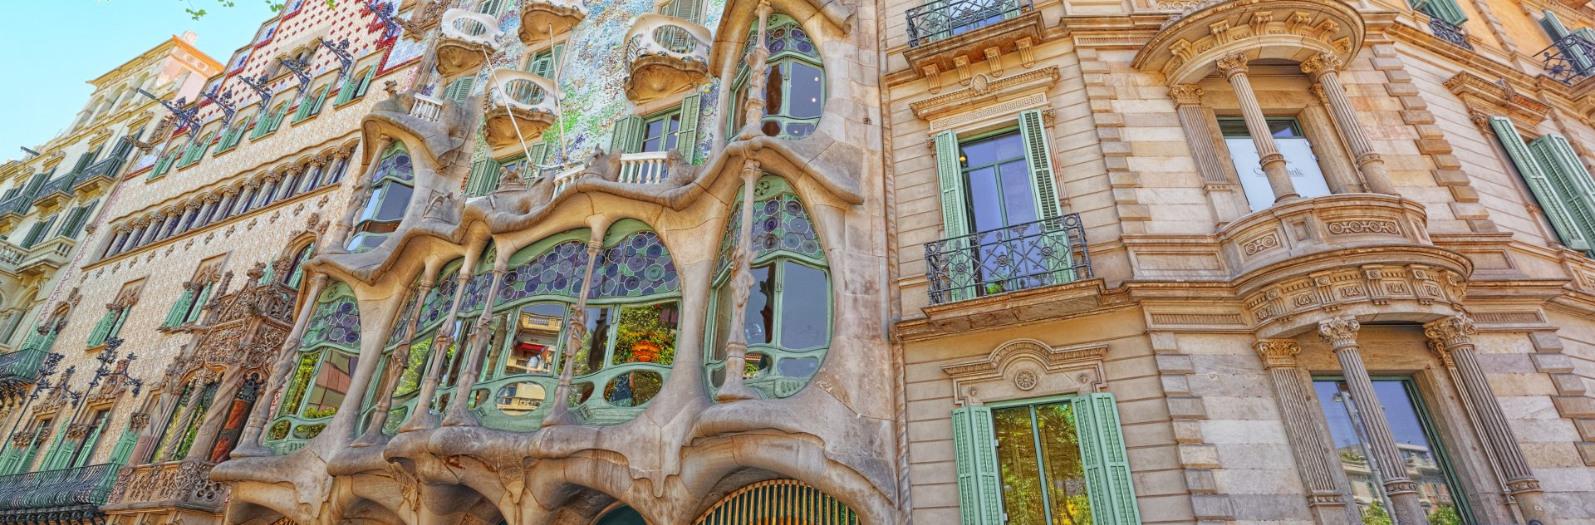 Paseo Gaudí Adarve Travel